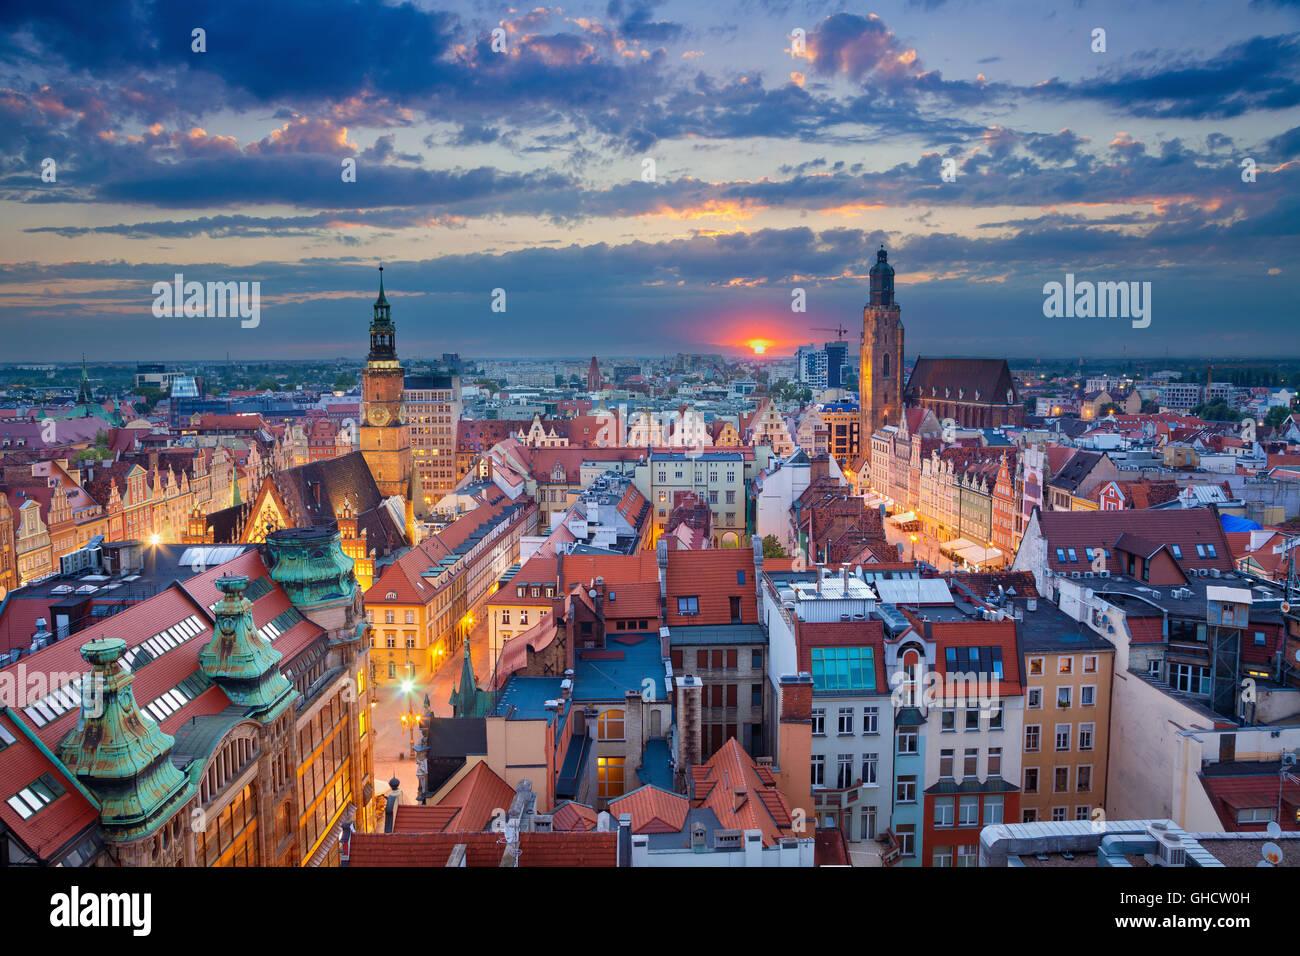 Wroclaw. immagine di Wroclaw, Polonia durante il blu crepuscolo ora. Immagini Stock